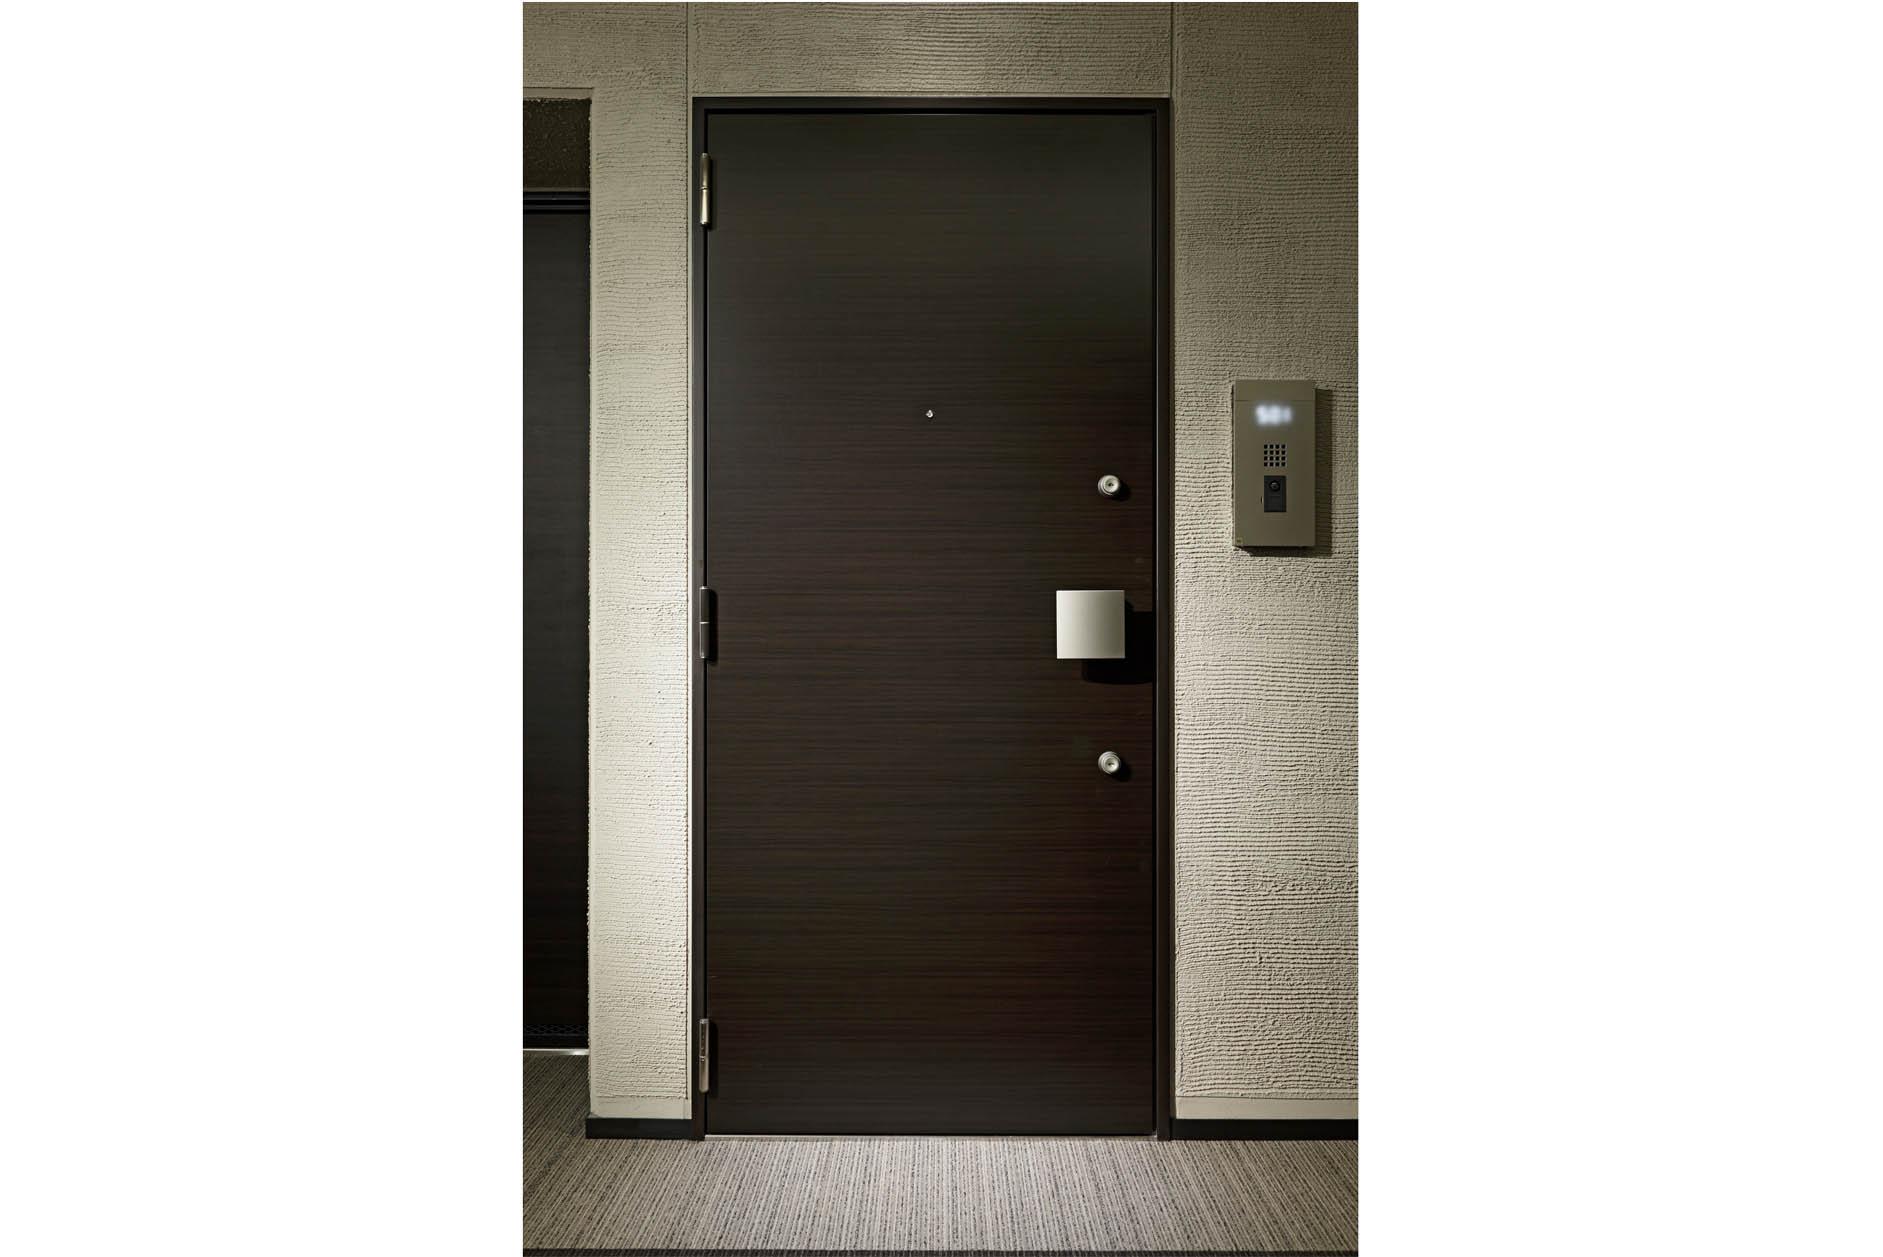 玄関ドアには、バールなどによる不正解除を防ぐ鎌付デットボルト錠を採用。防犯サムターンも採用するなど、念入な防犯対策を施していま… イメージ